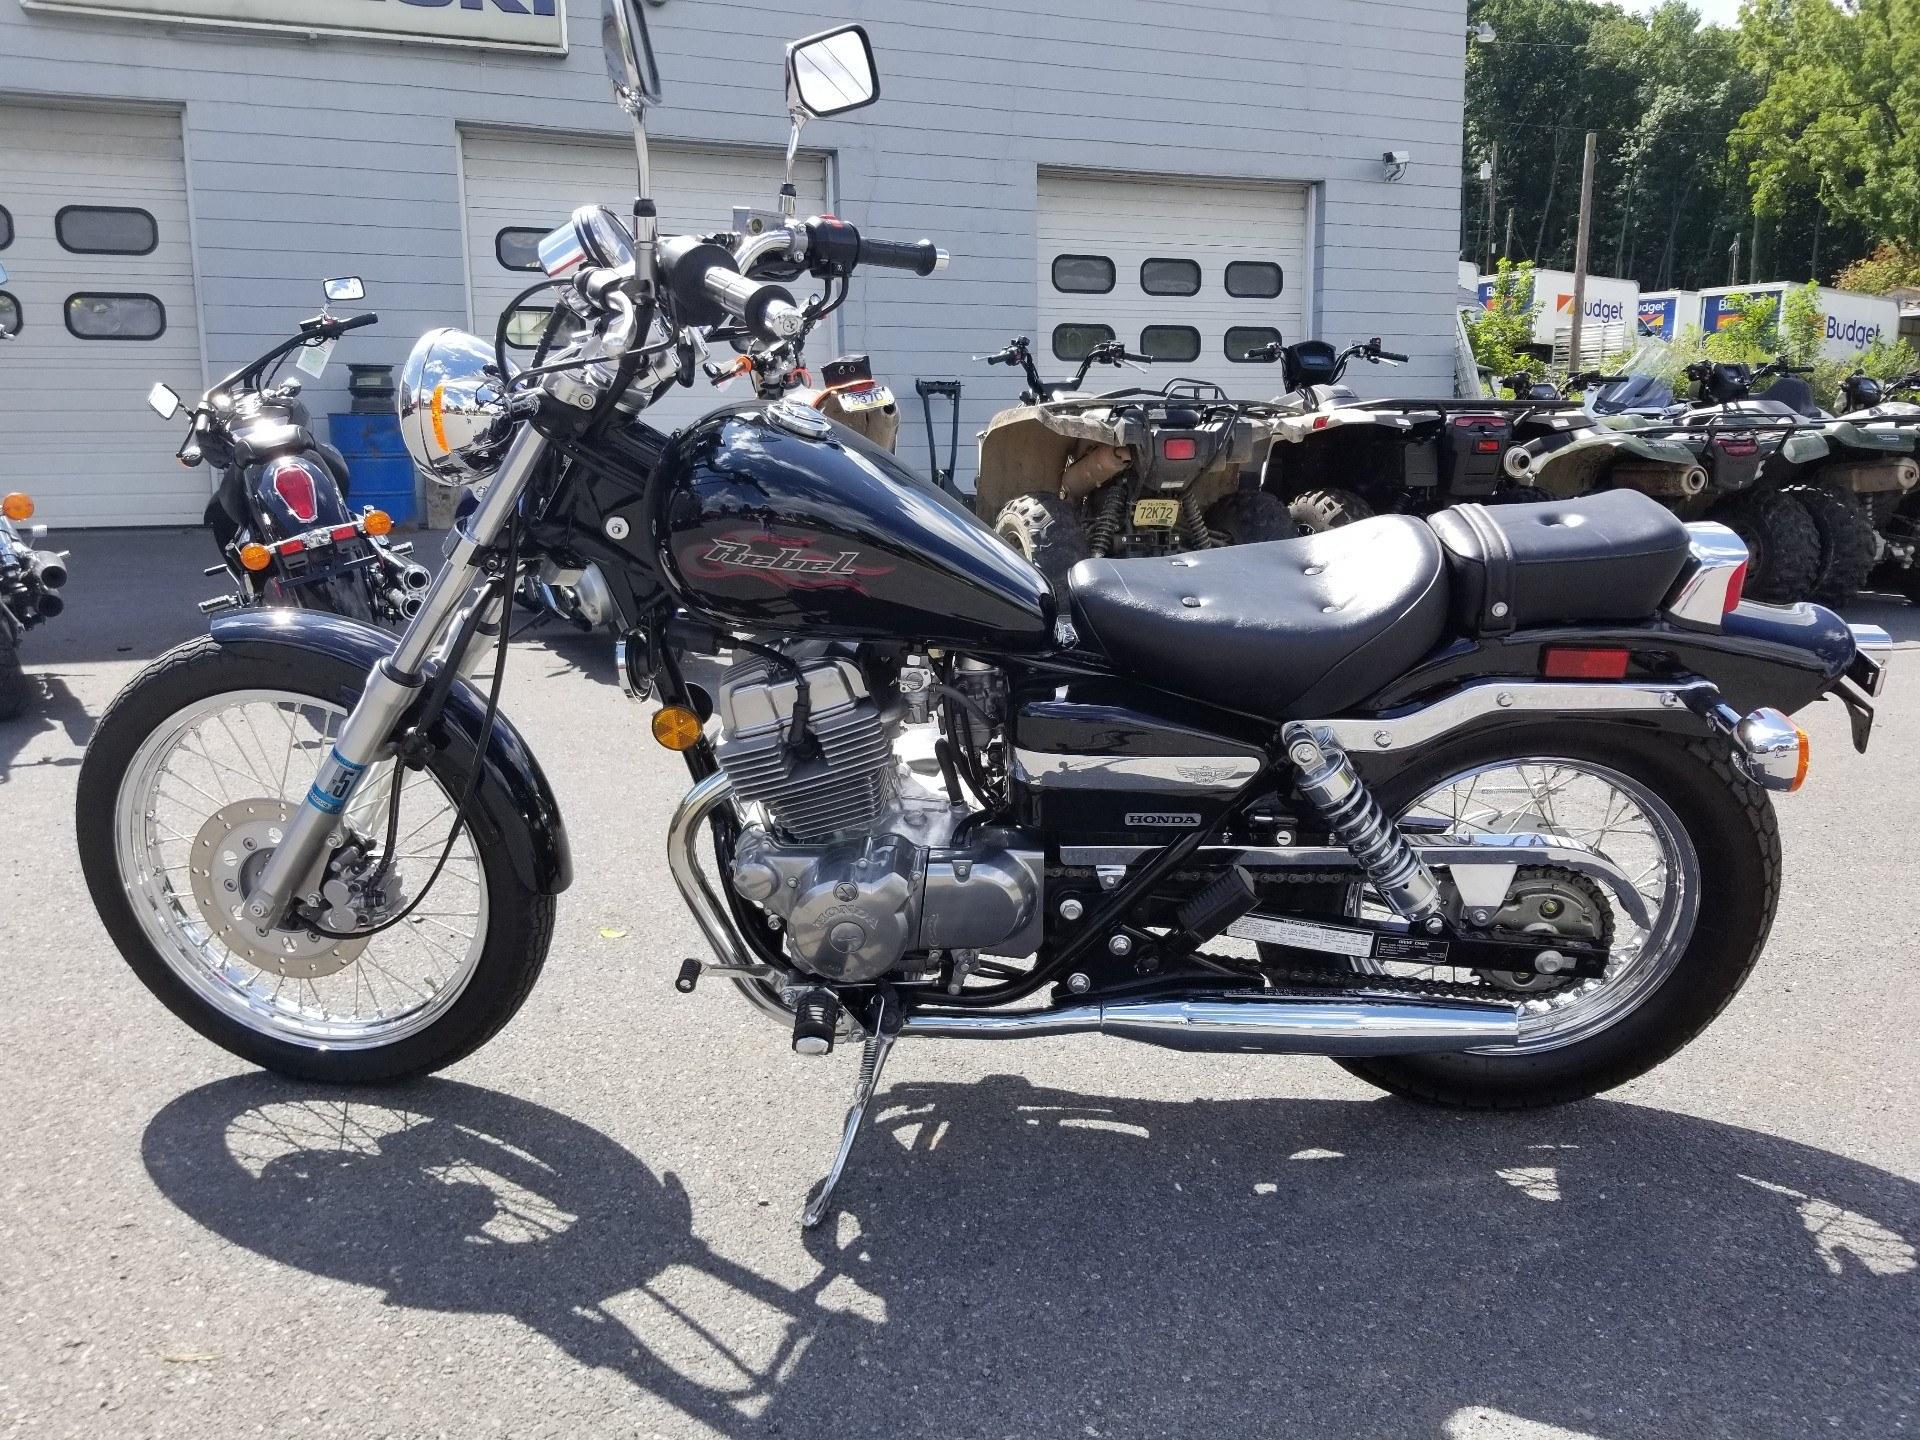 Used 2006 Honda Rebel® Motorcycles in Spring Mills, PA